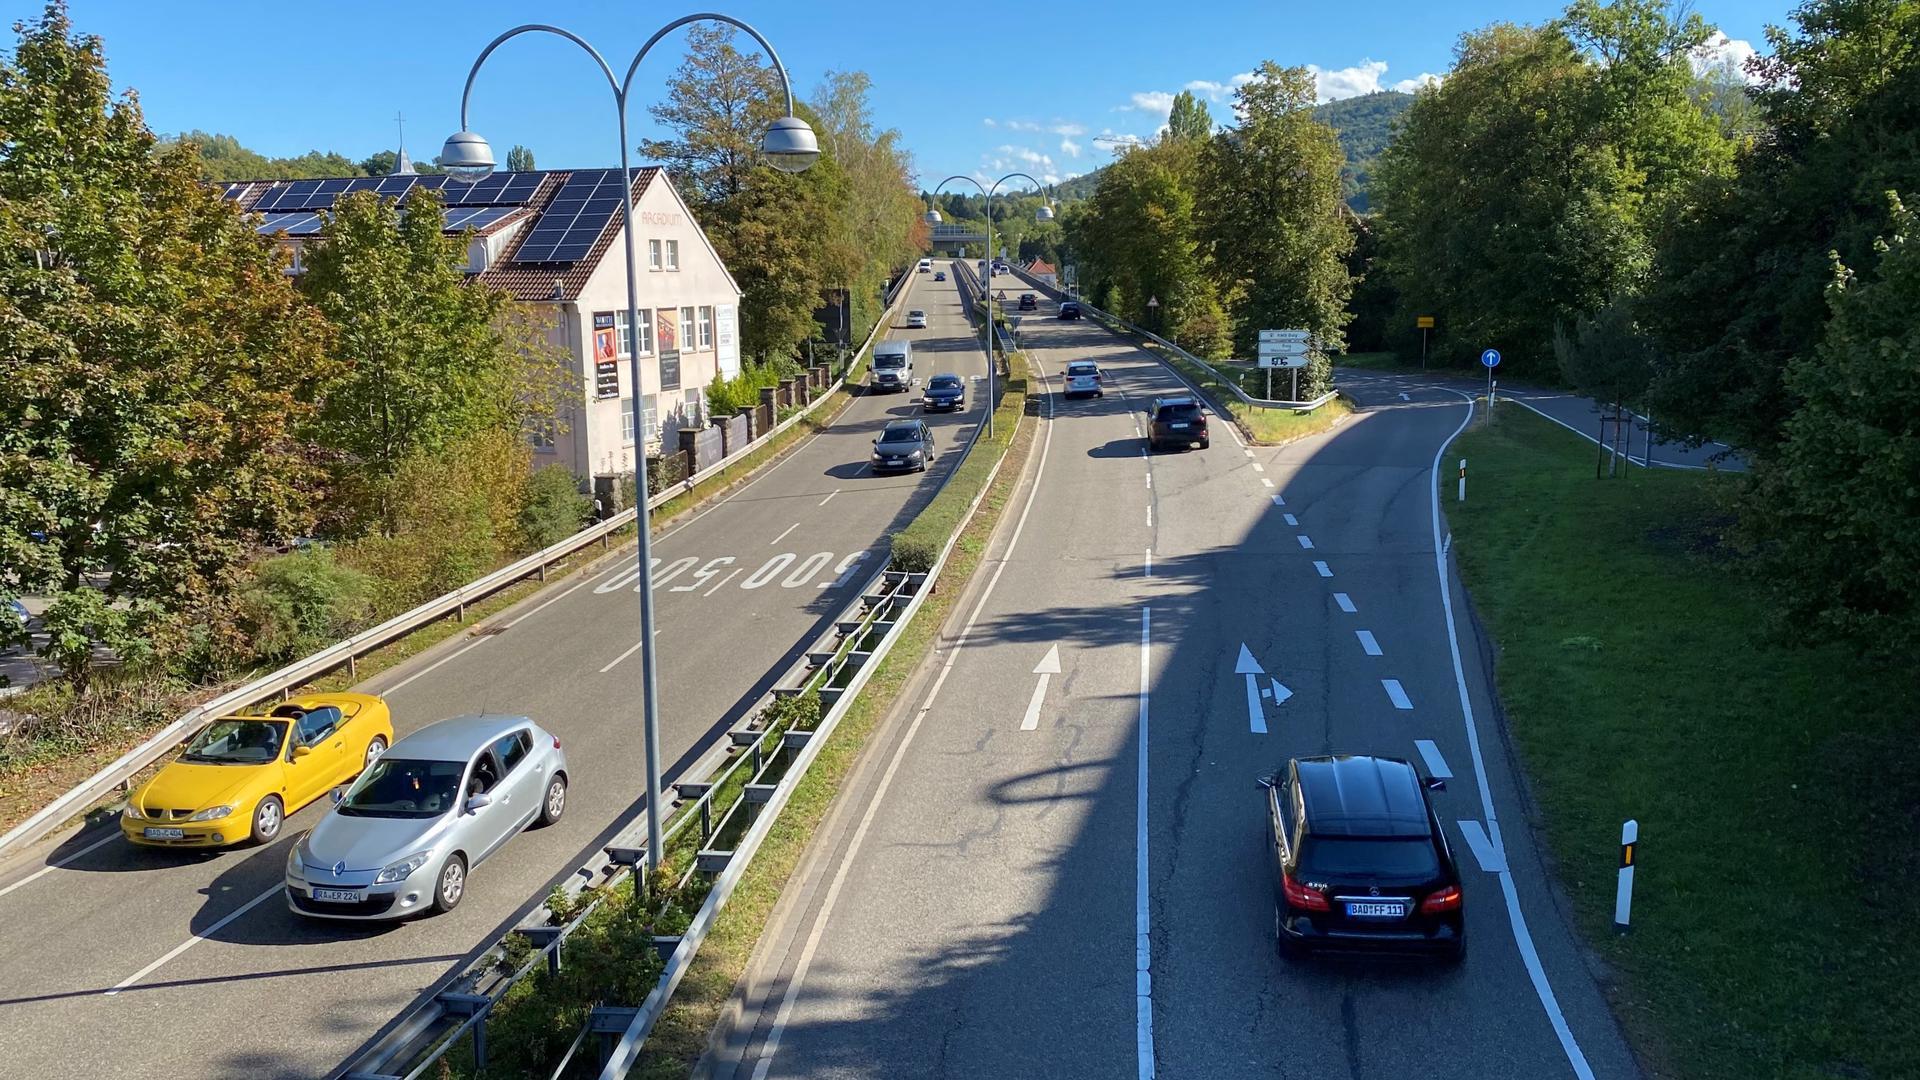 Auf der B500 Richtung Baden-Baden fahren täglich 40.000 Autos.